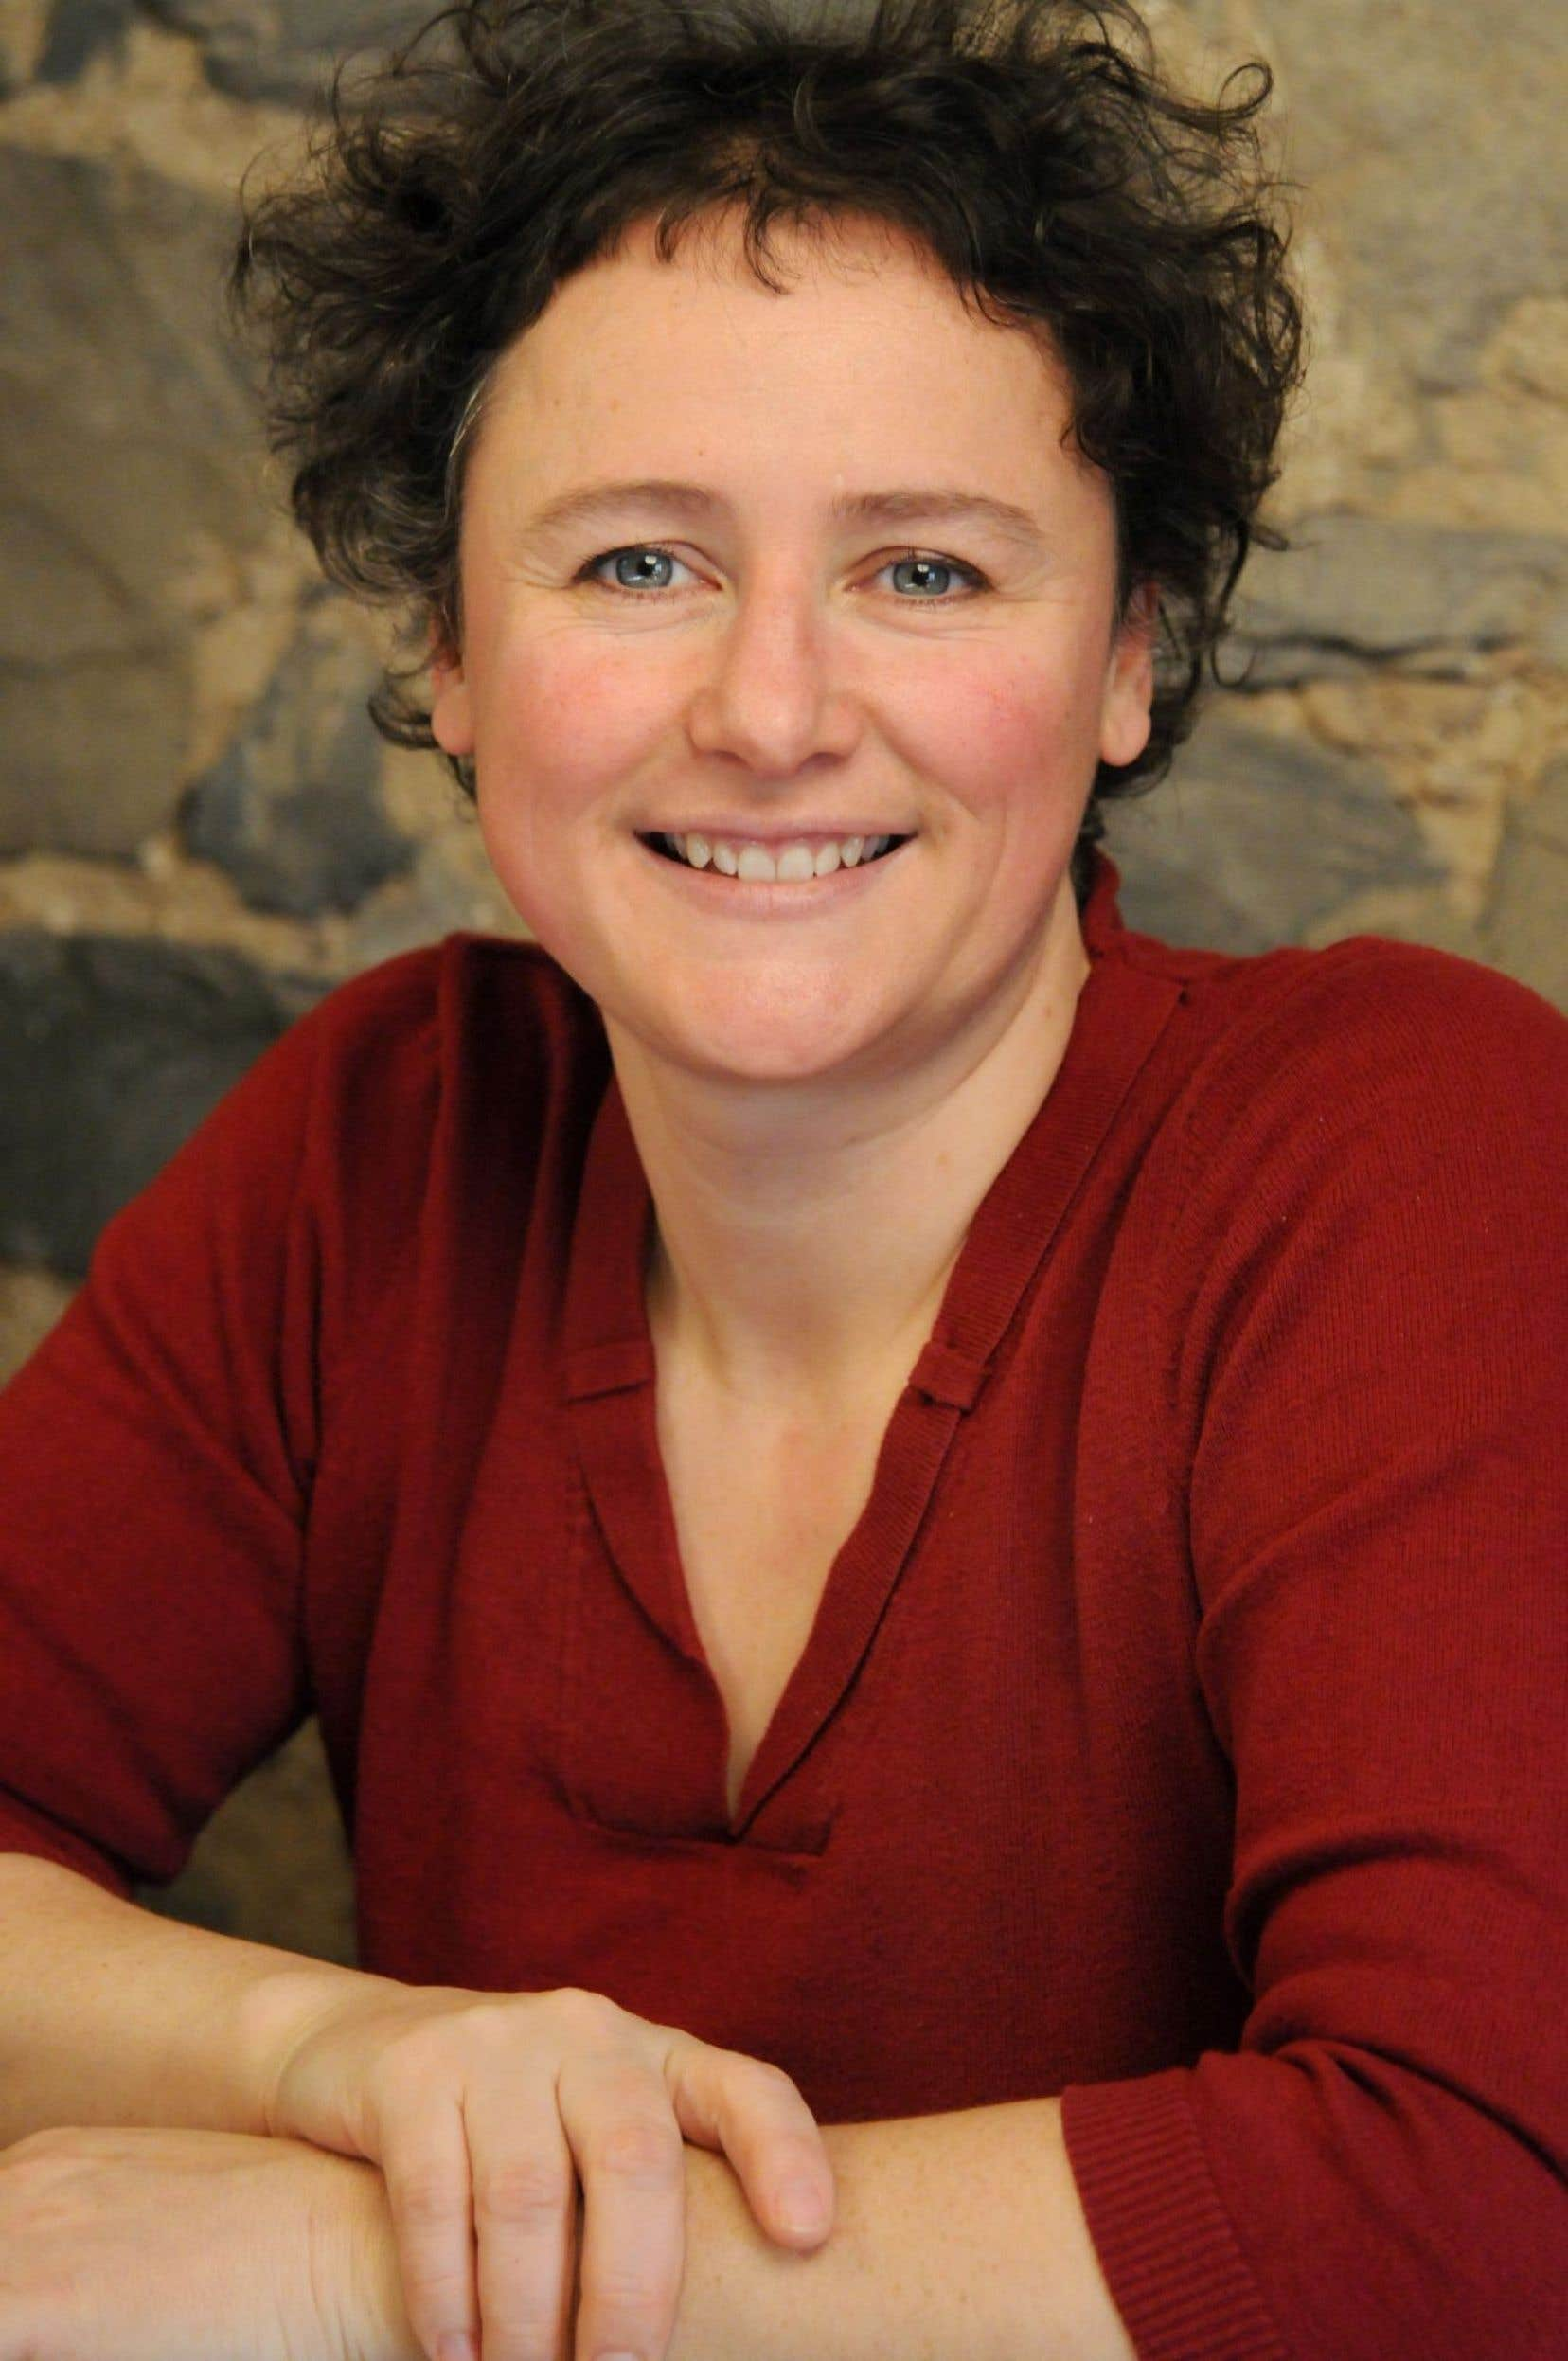 « Il y aura en région un manque de la contribution des connaissances en condition féminine sur le plan des décisions politiques touchant le développement social, économique et culturel; une expertise se perd », explique la présidente de la Fédération des femmes du Québec, Alexa Conradi.